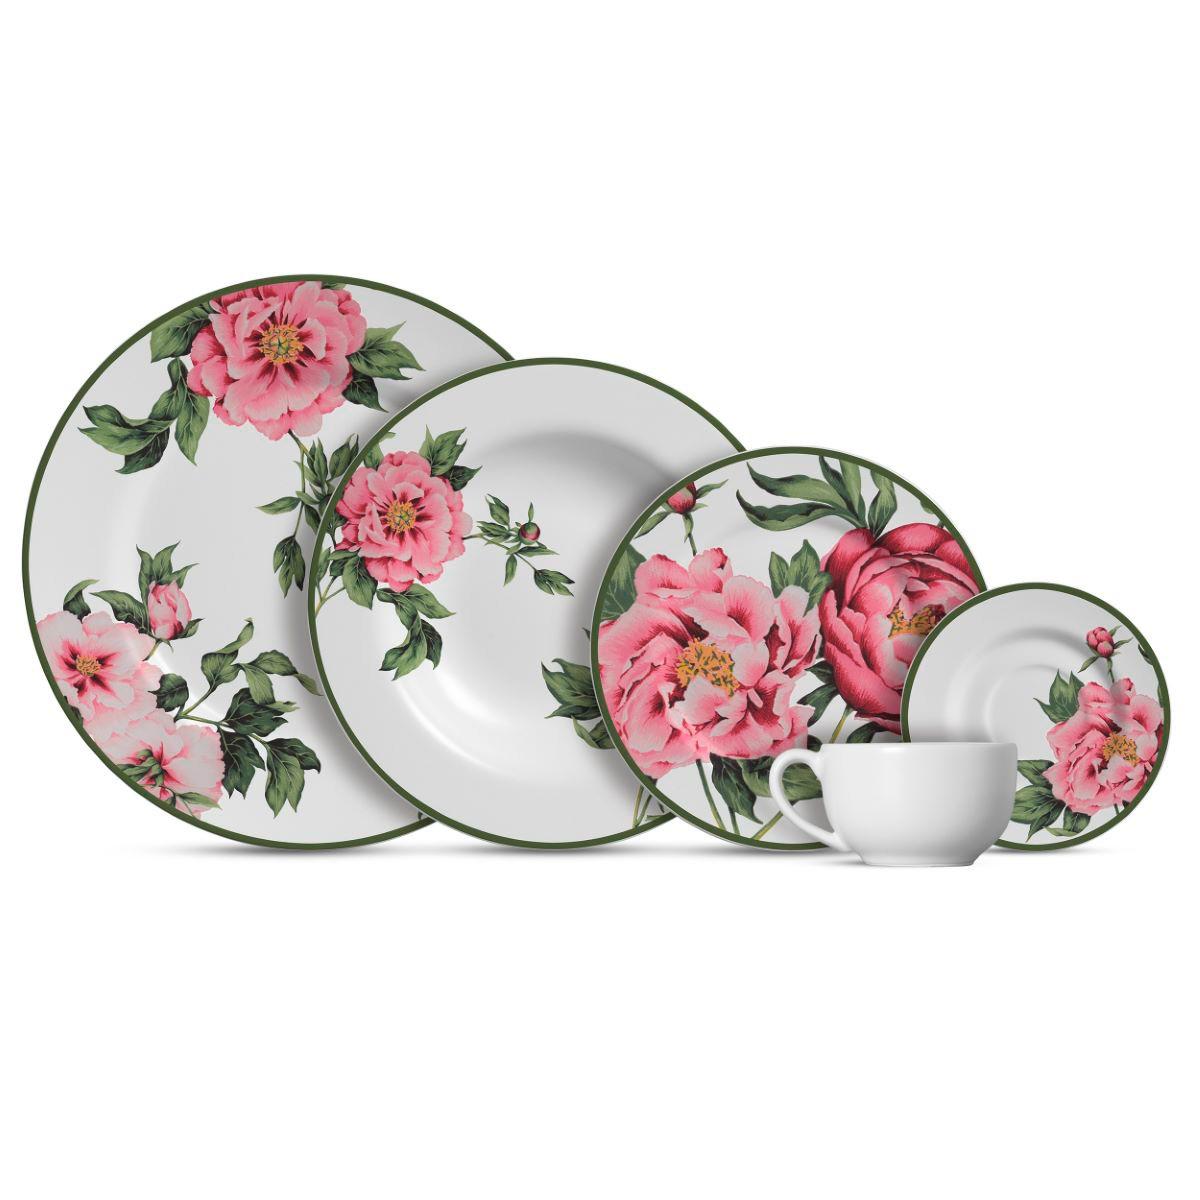 Aparelho de Jantar Cerâmica Peony Rose 20 Pç